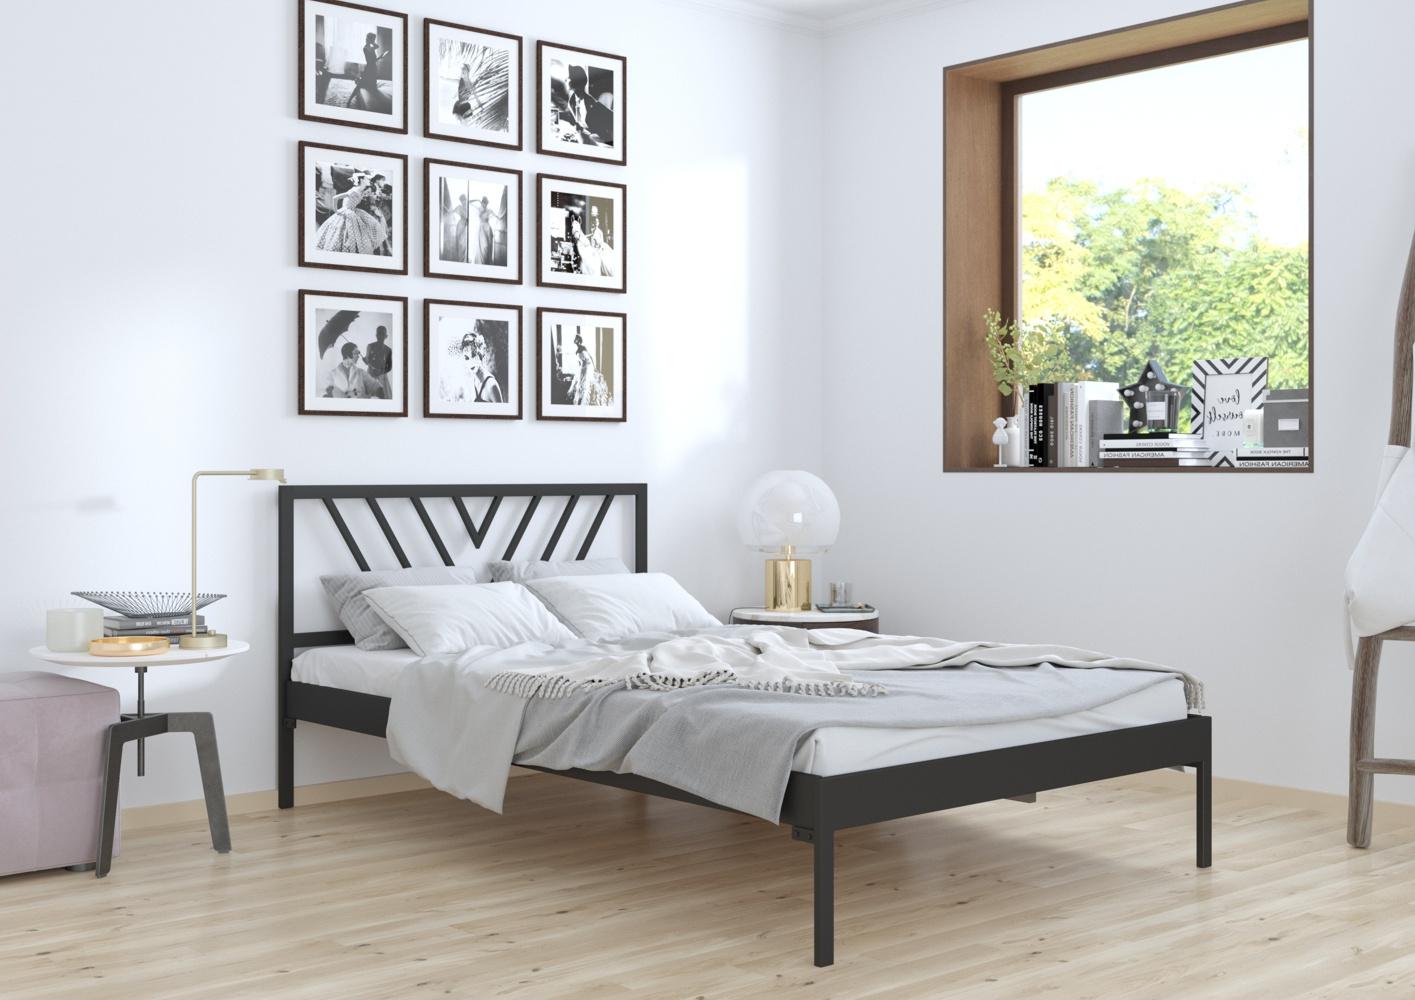 Łóżko metalowe wzór 5 na szerokość 140-160 cm